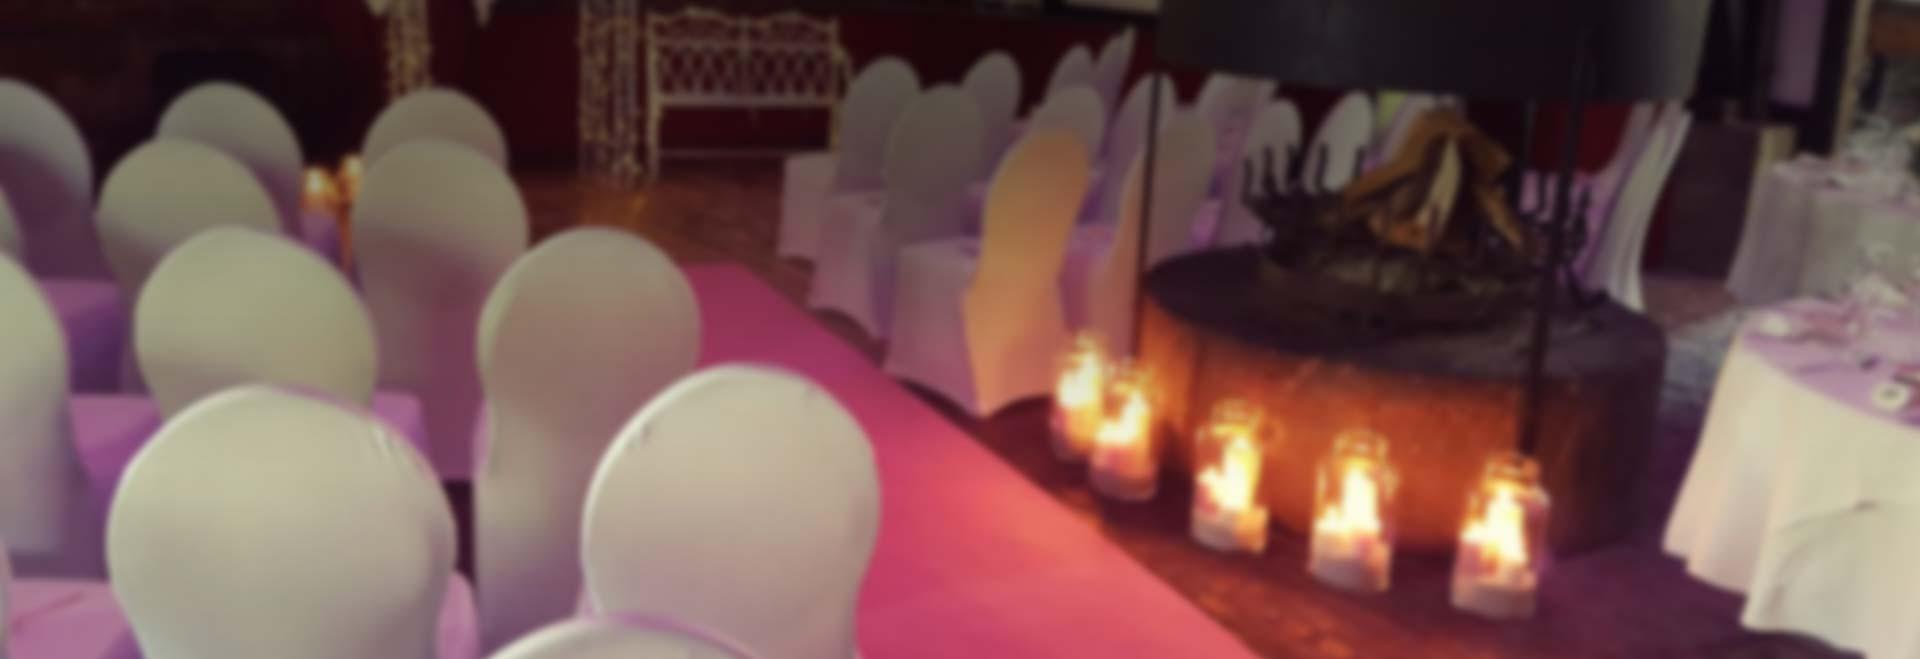 Hochzeits-Arrangements